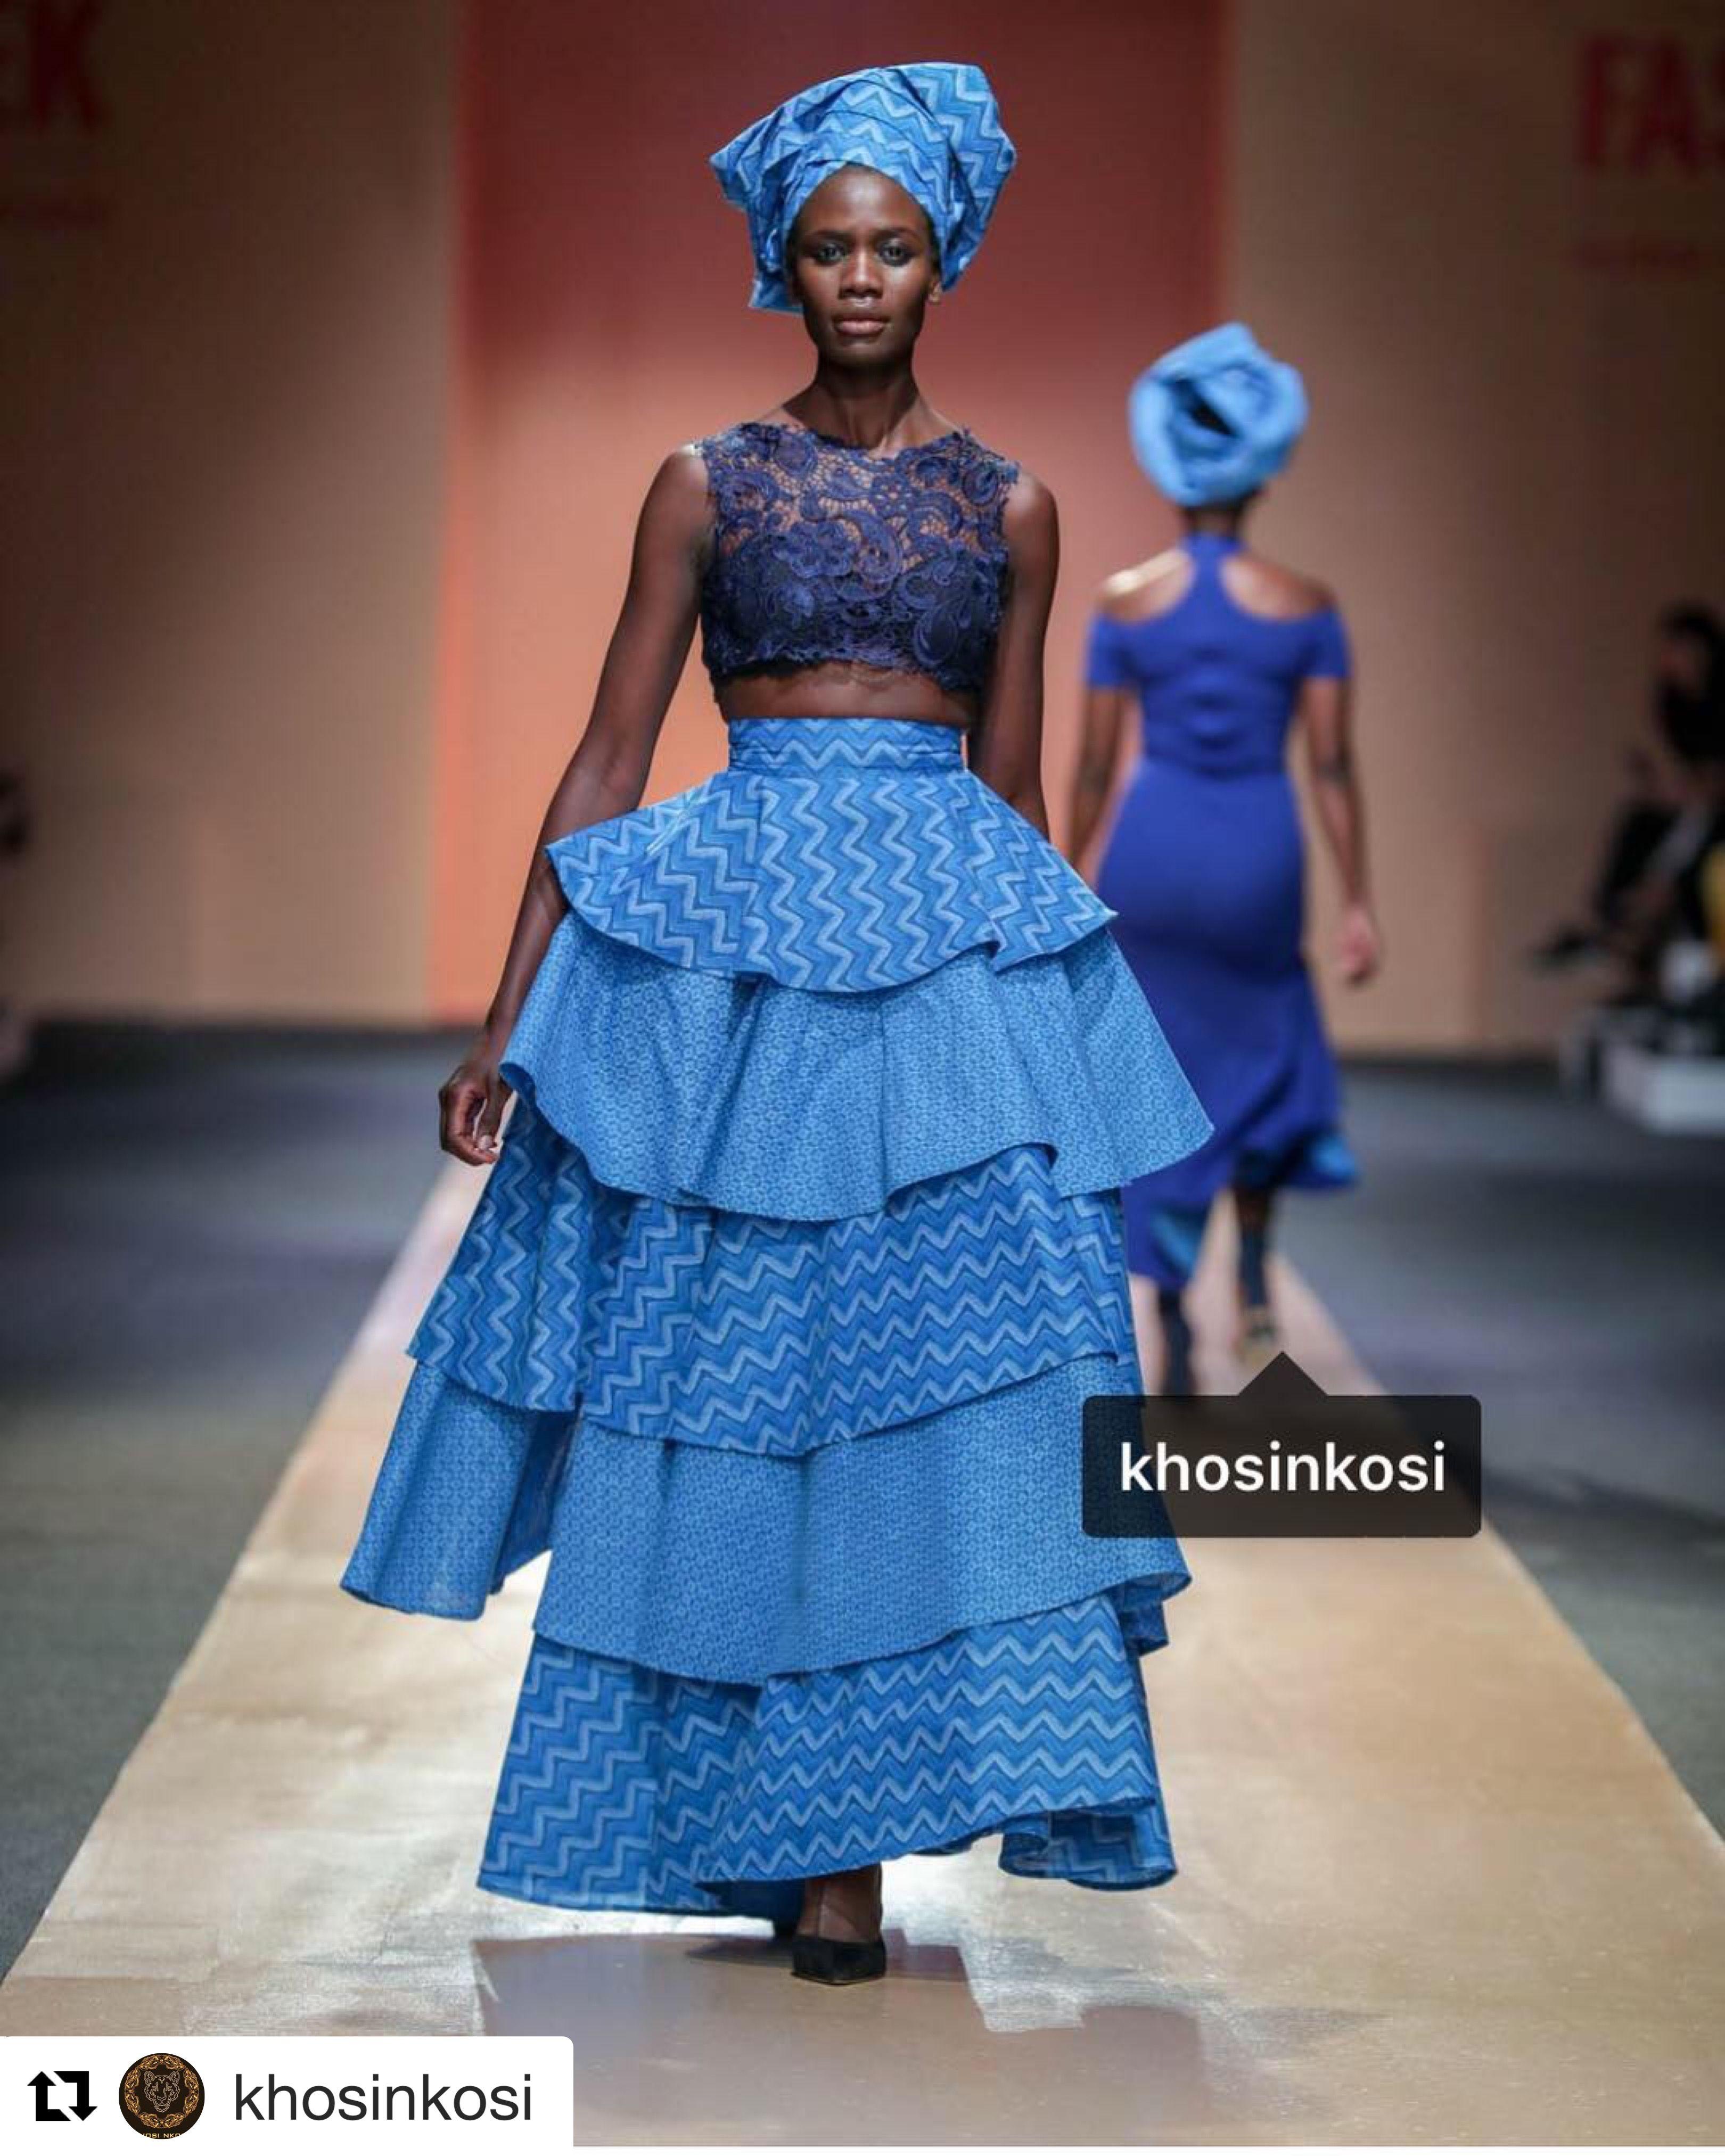 khosi nkosi seshweshwe dress